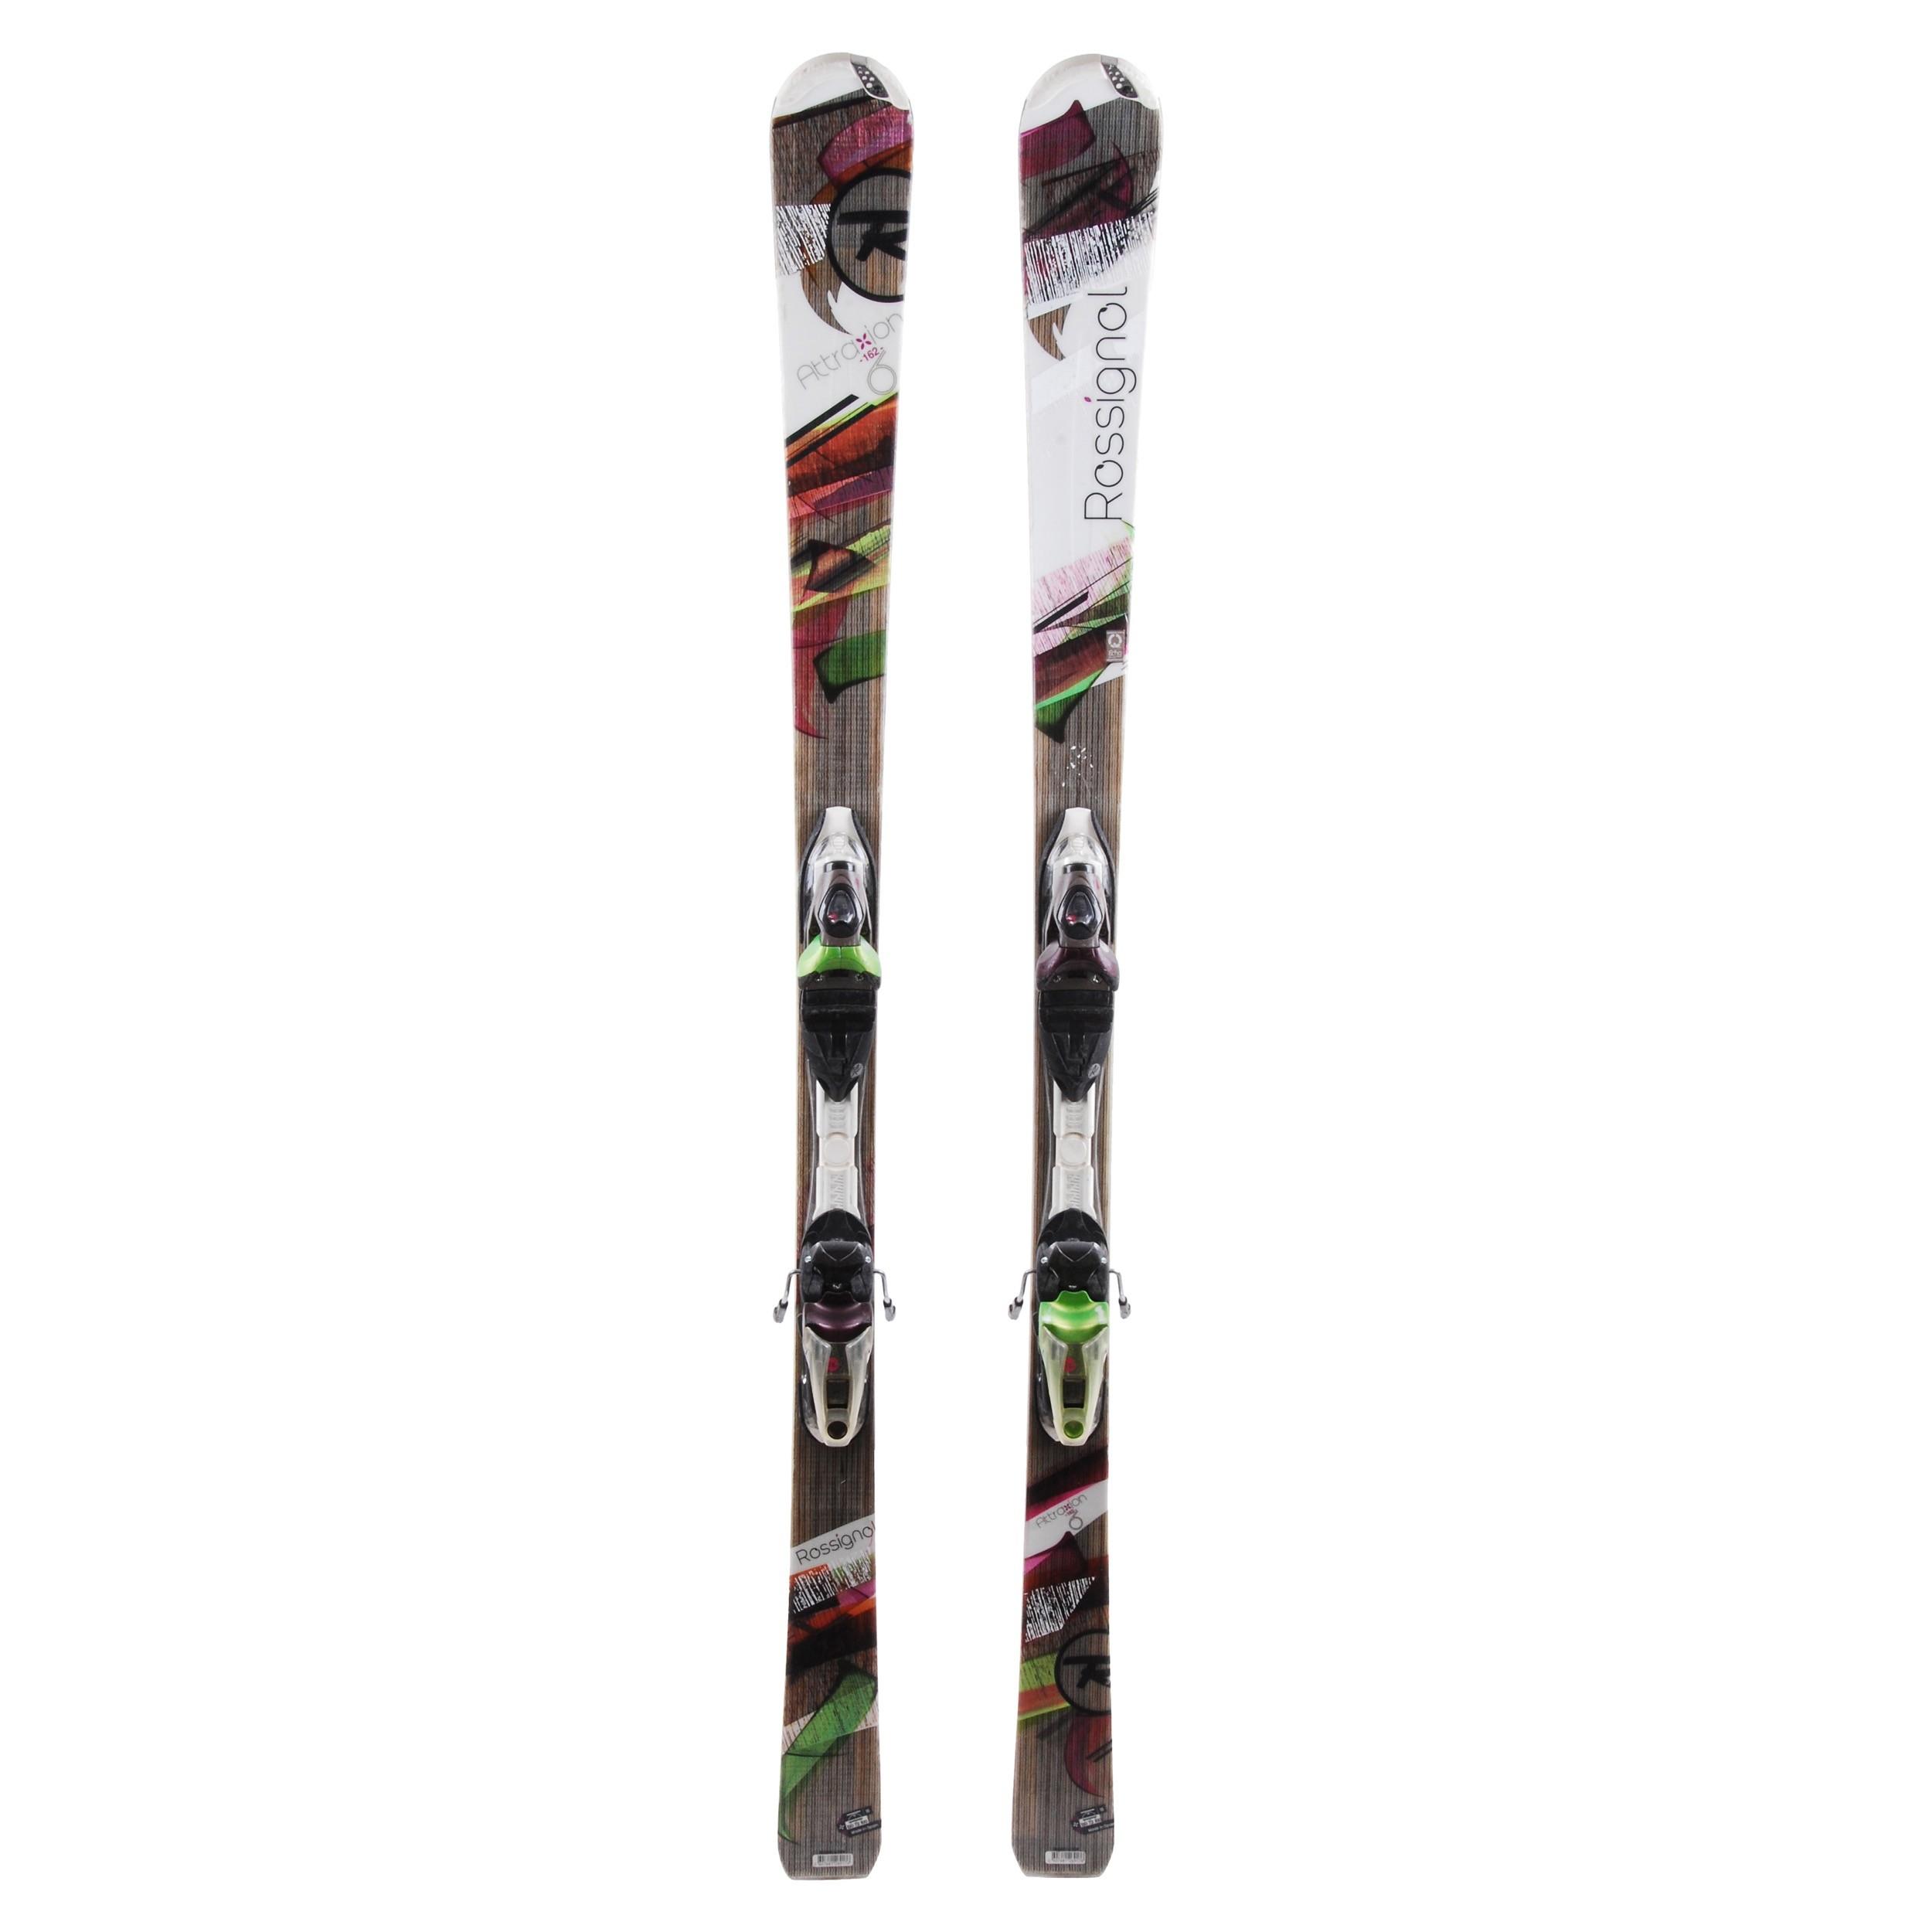 Fijaciones de esquí snowboard esquís rossignol botas de